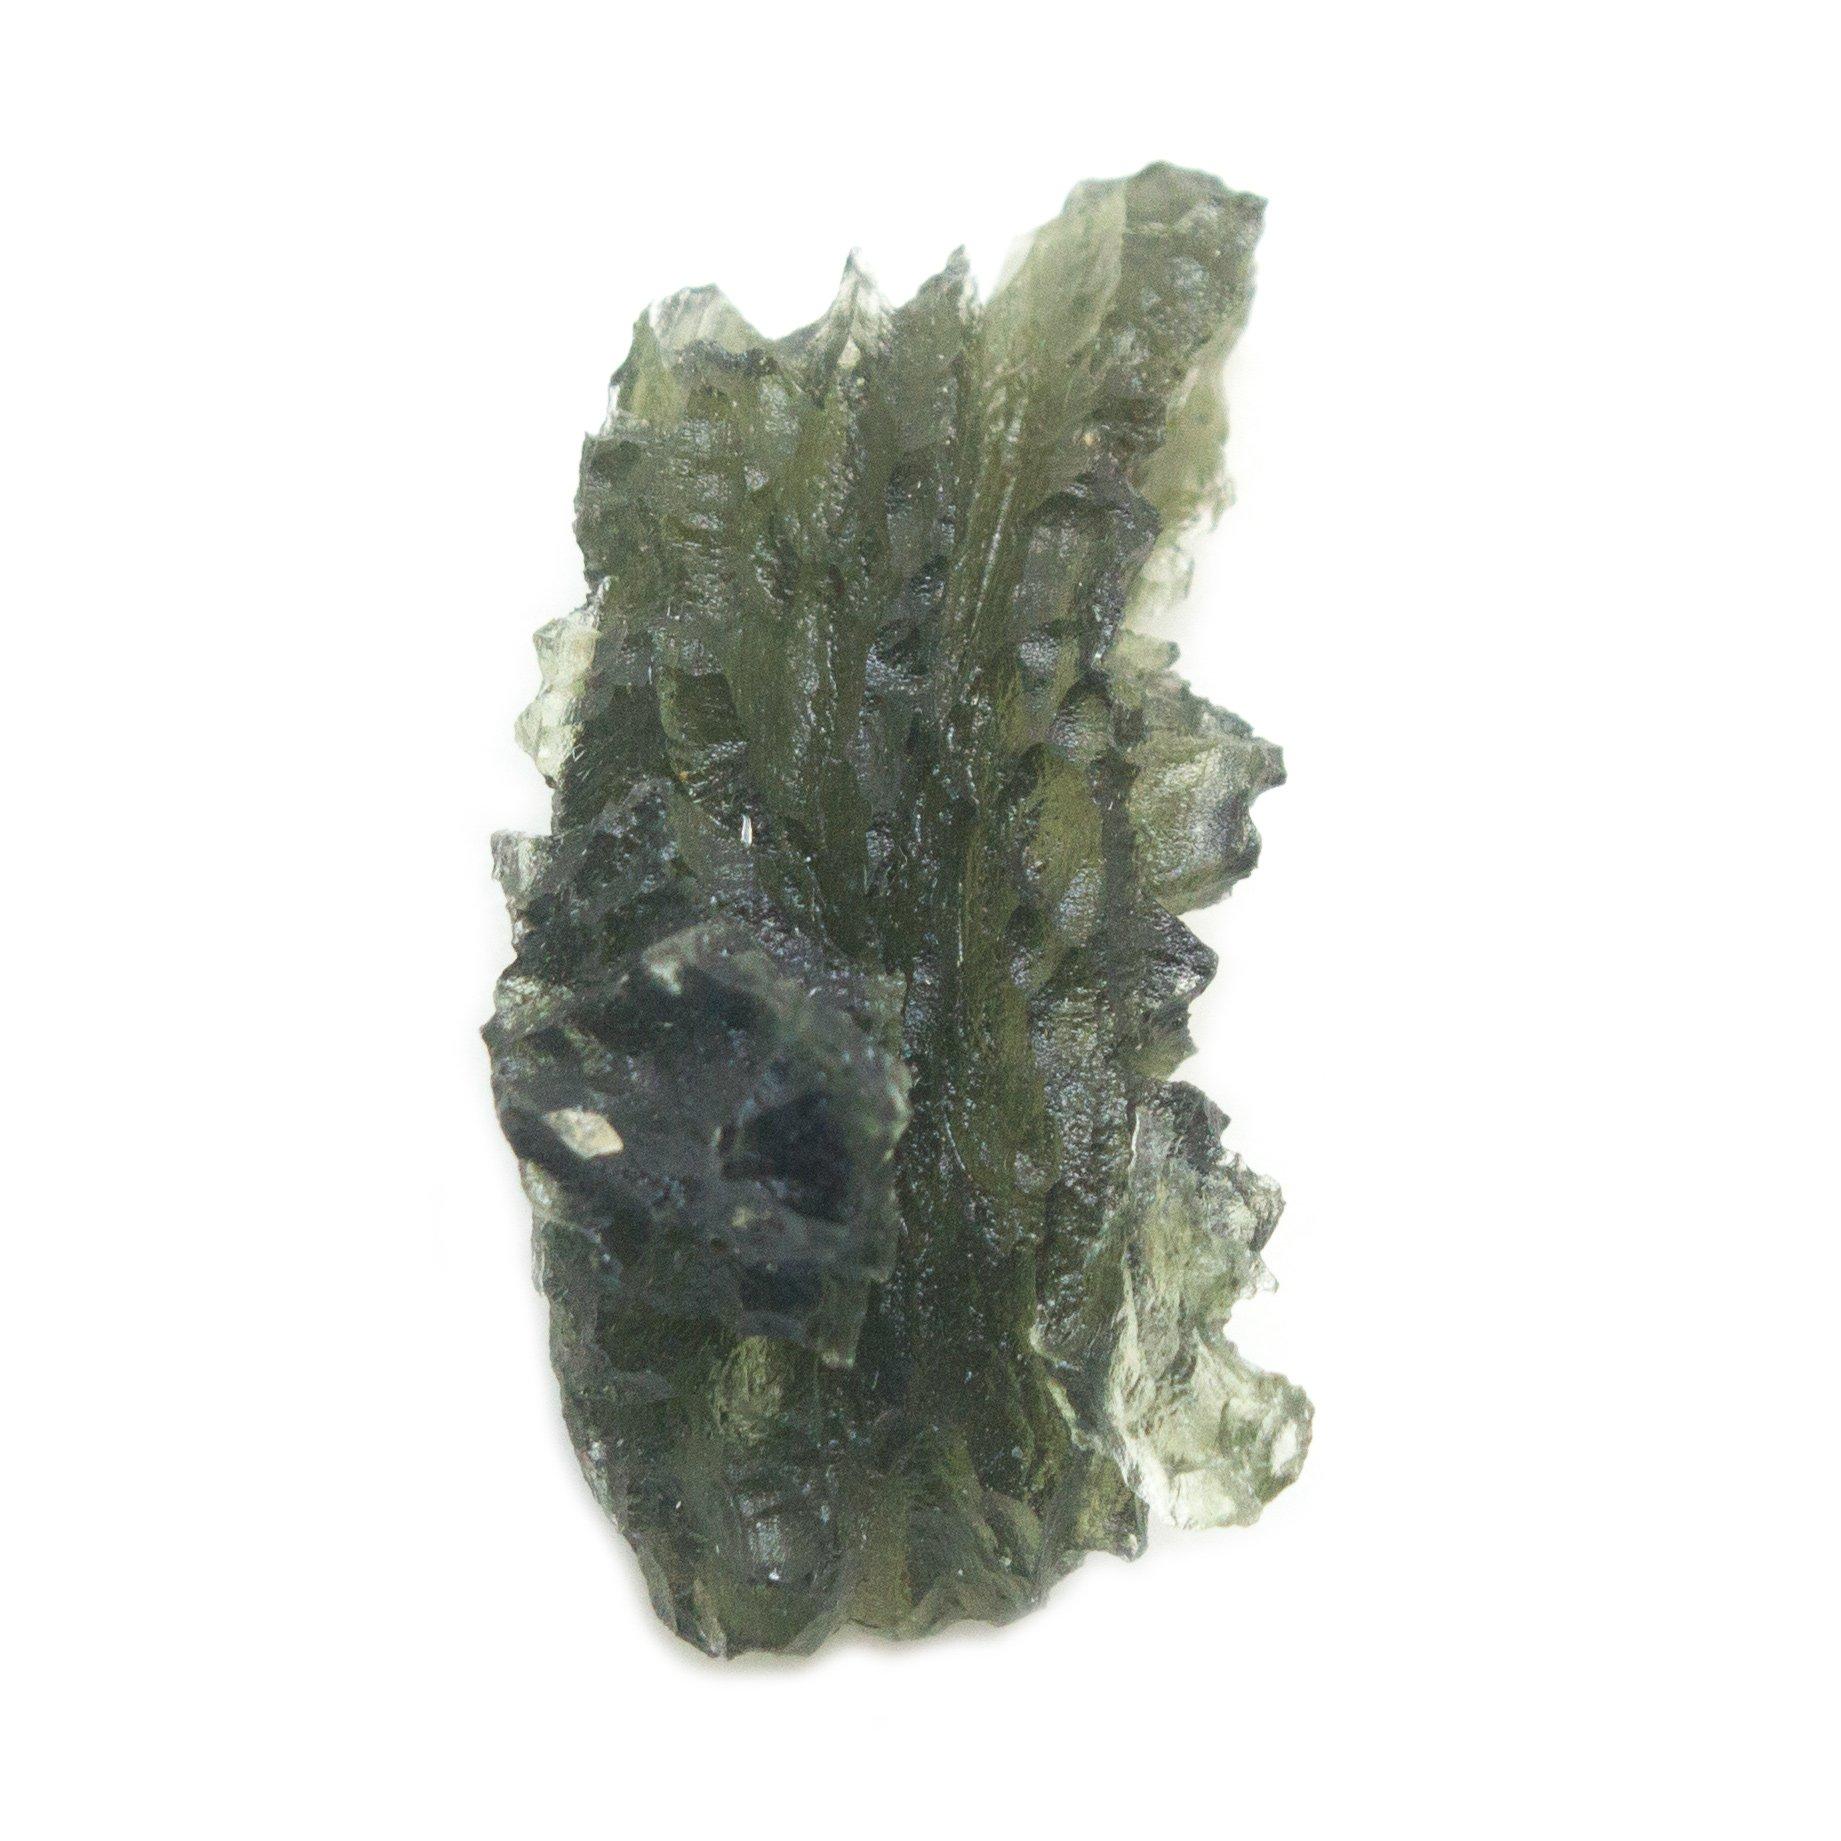 Besednice Moldavite Crystal